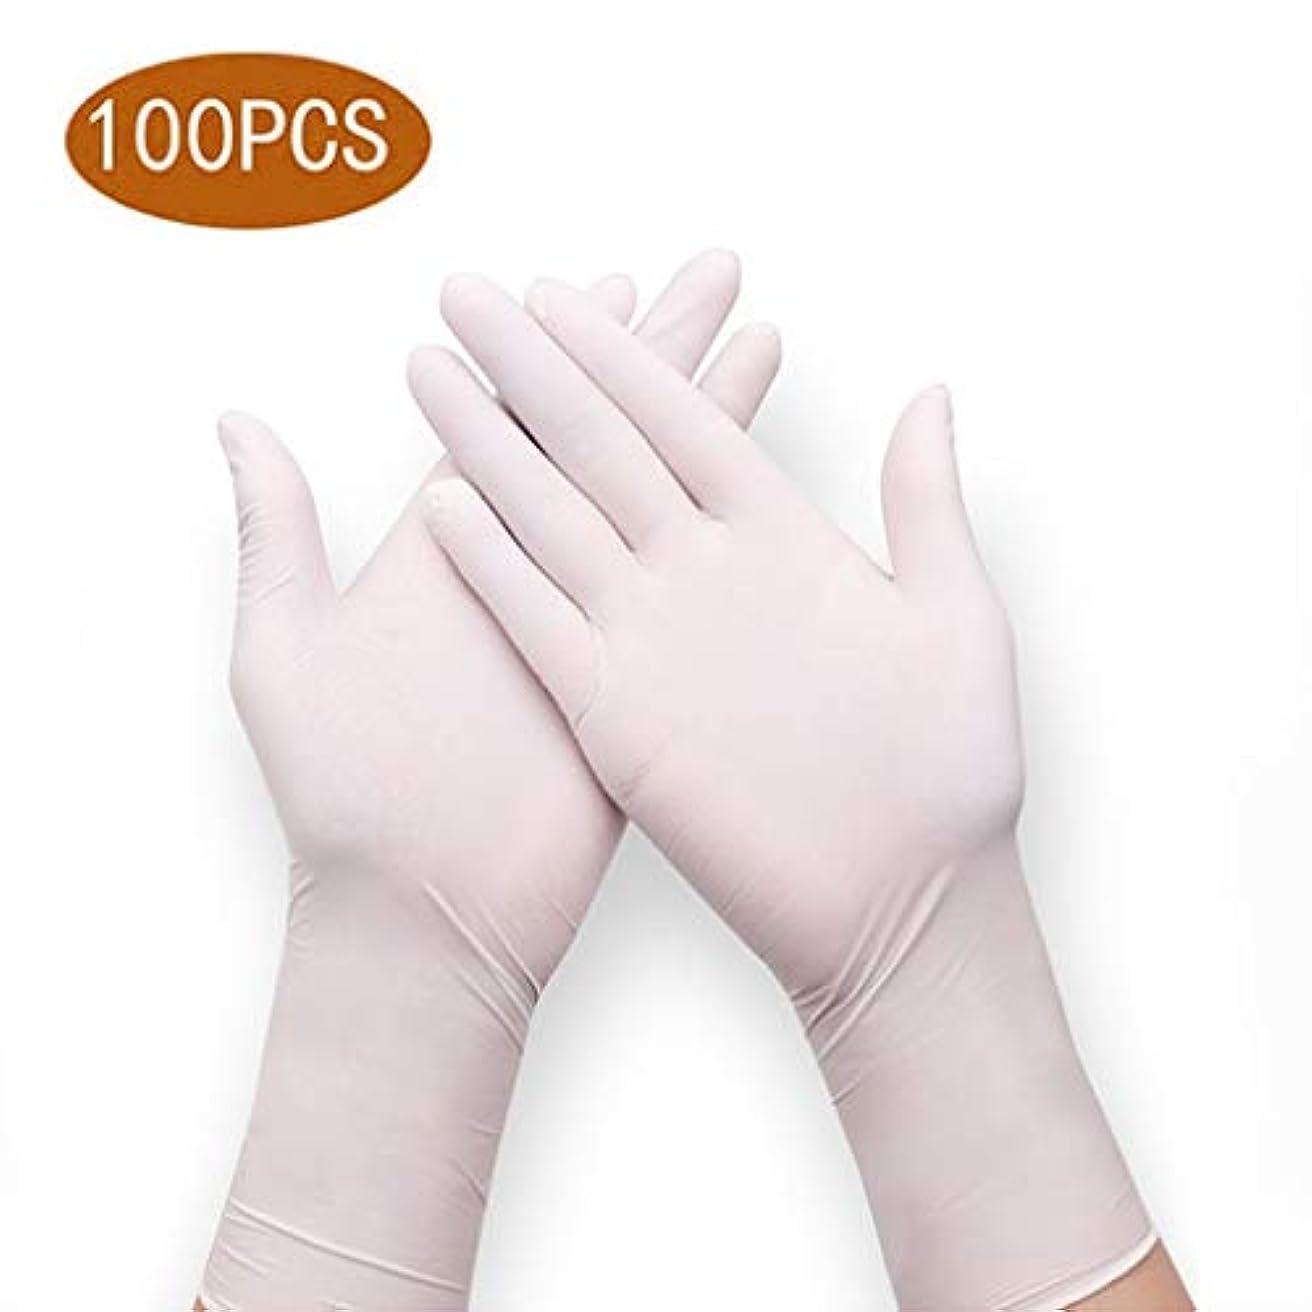 ニトリル手袋ビニール試験使い捨て手袋-家庭用の毎日の台所の洗浄と延長、6ミル、ゴム労働保護美容院ラテックスフリー、パウダーフリー、両手利き、100個 (Size : M)